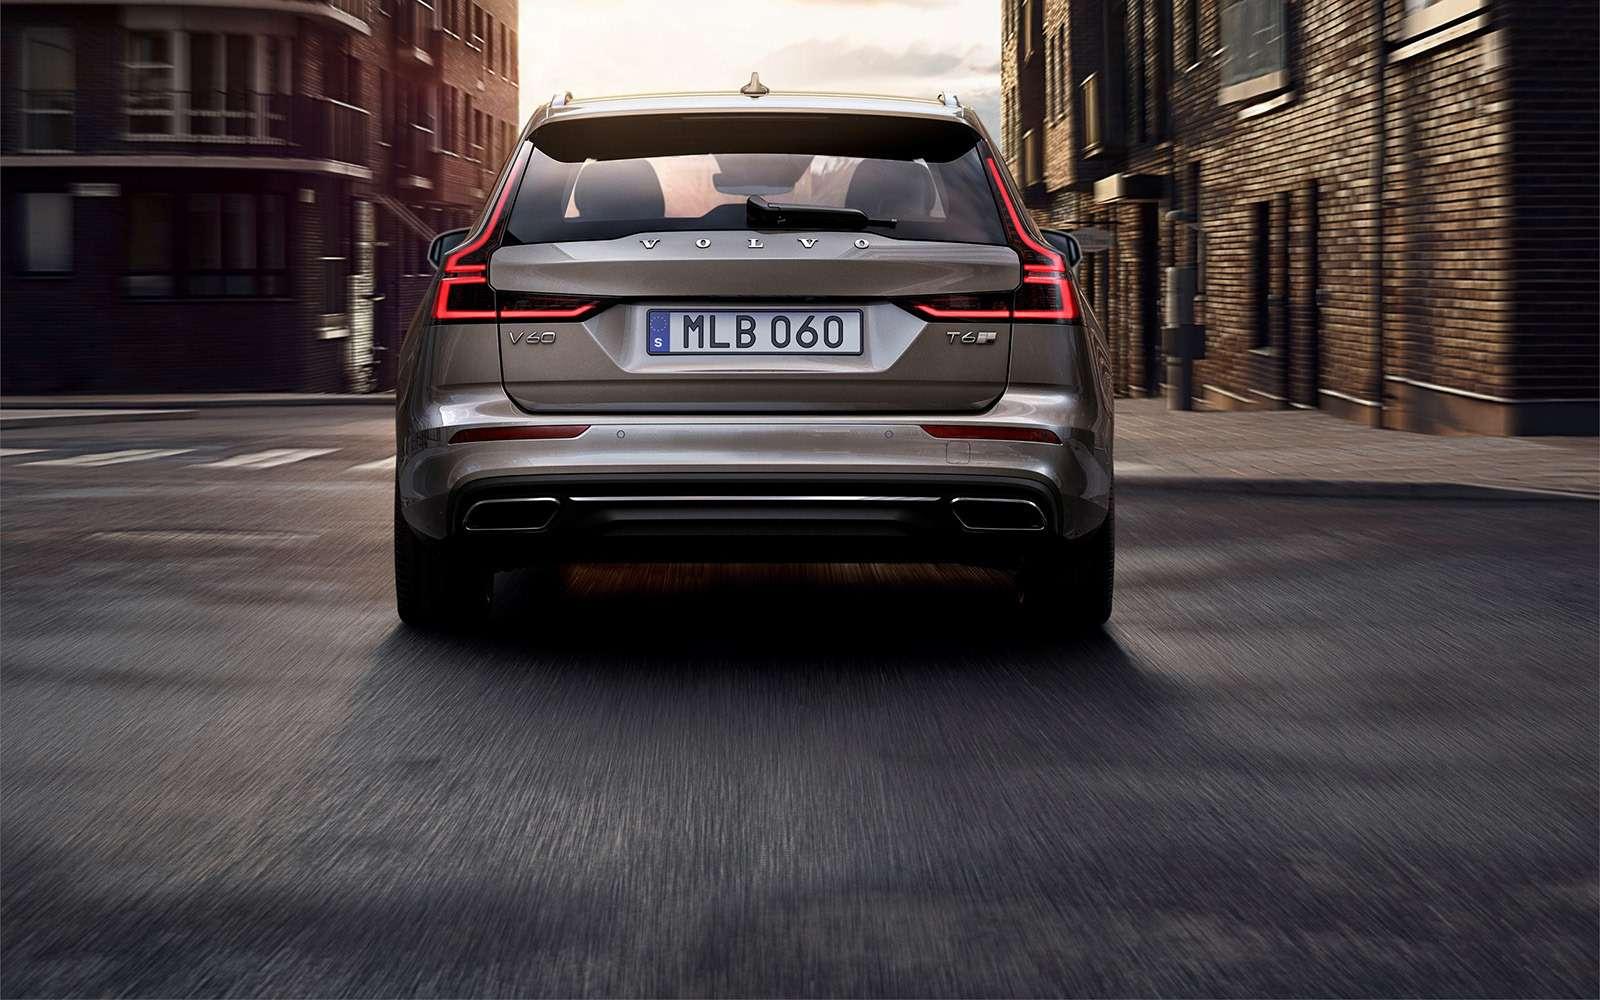 Volvo представила V60: семейный, роскошный инедлянас— фото 847549